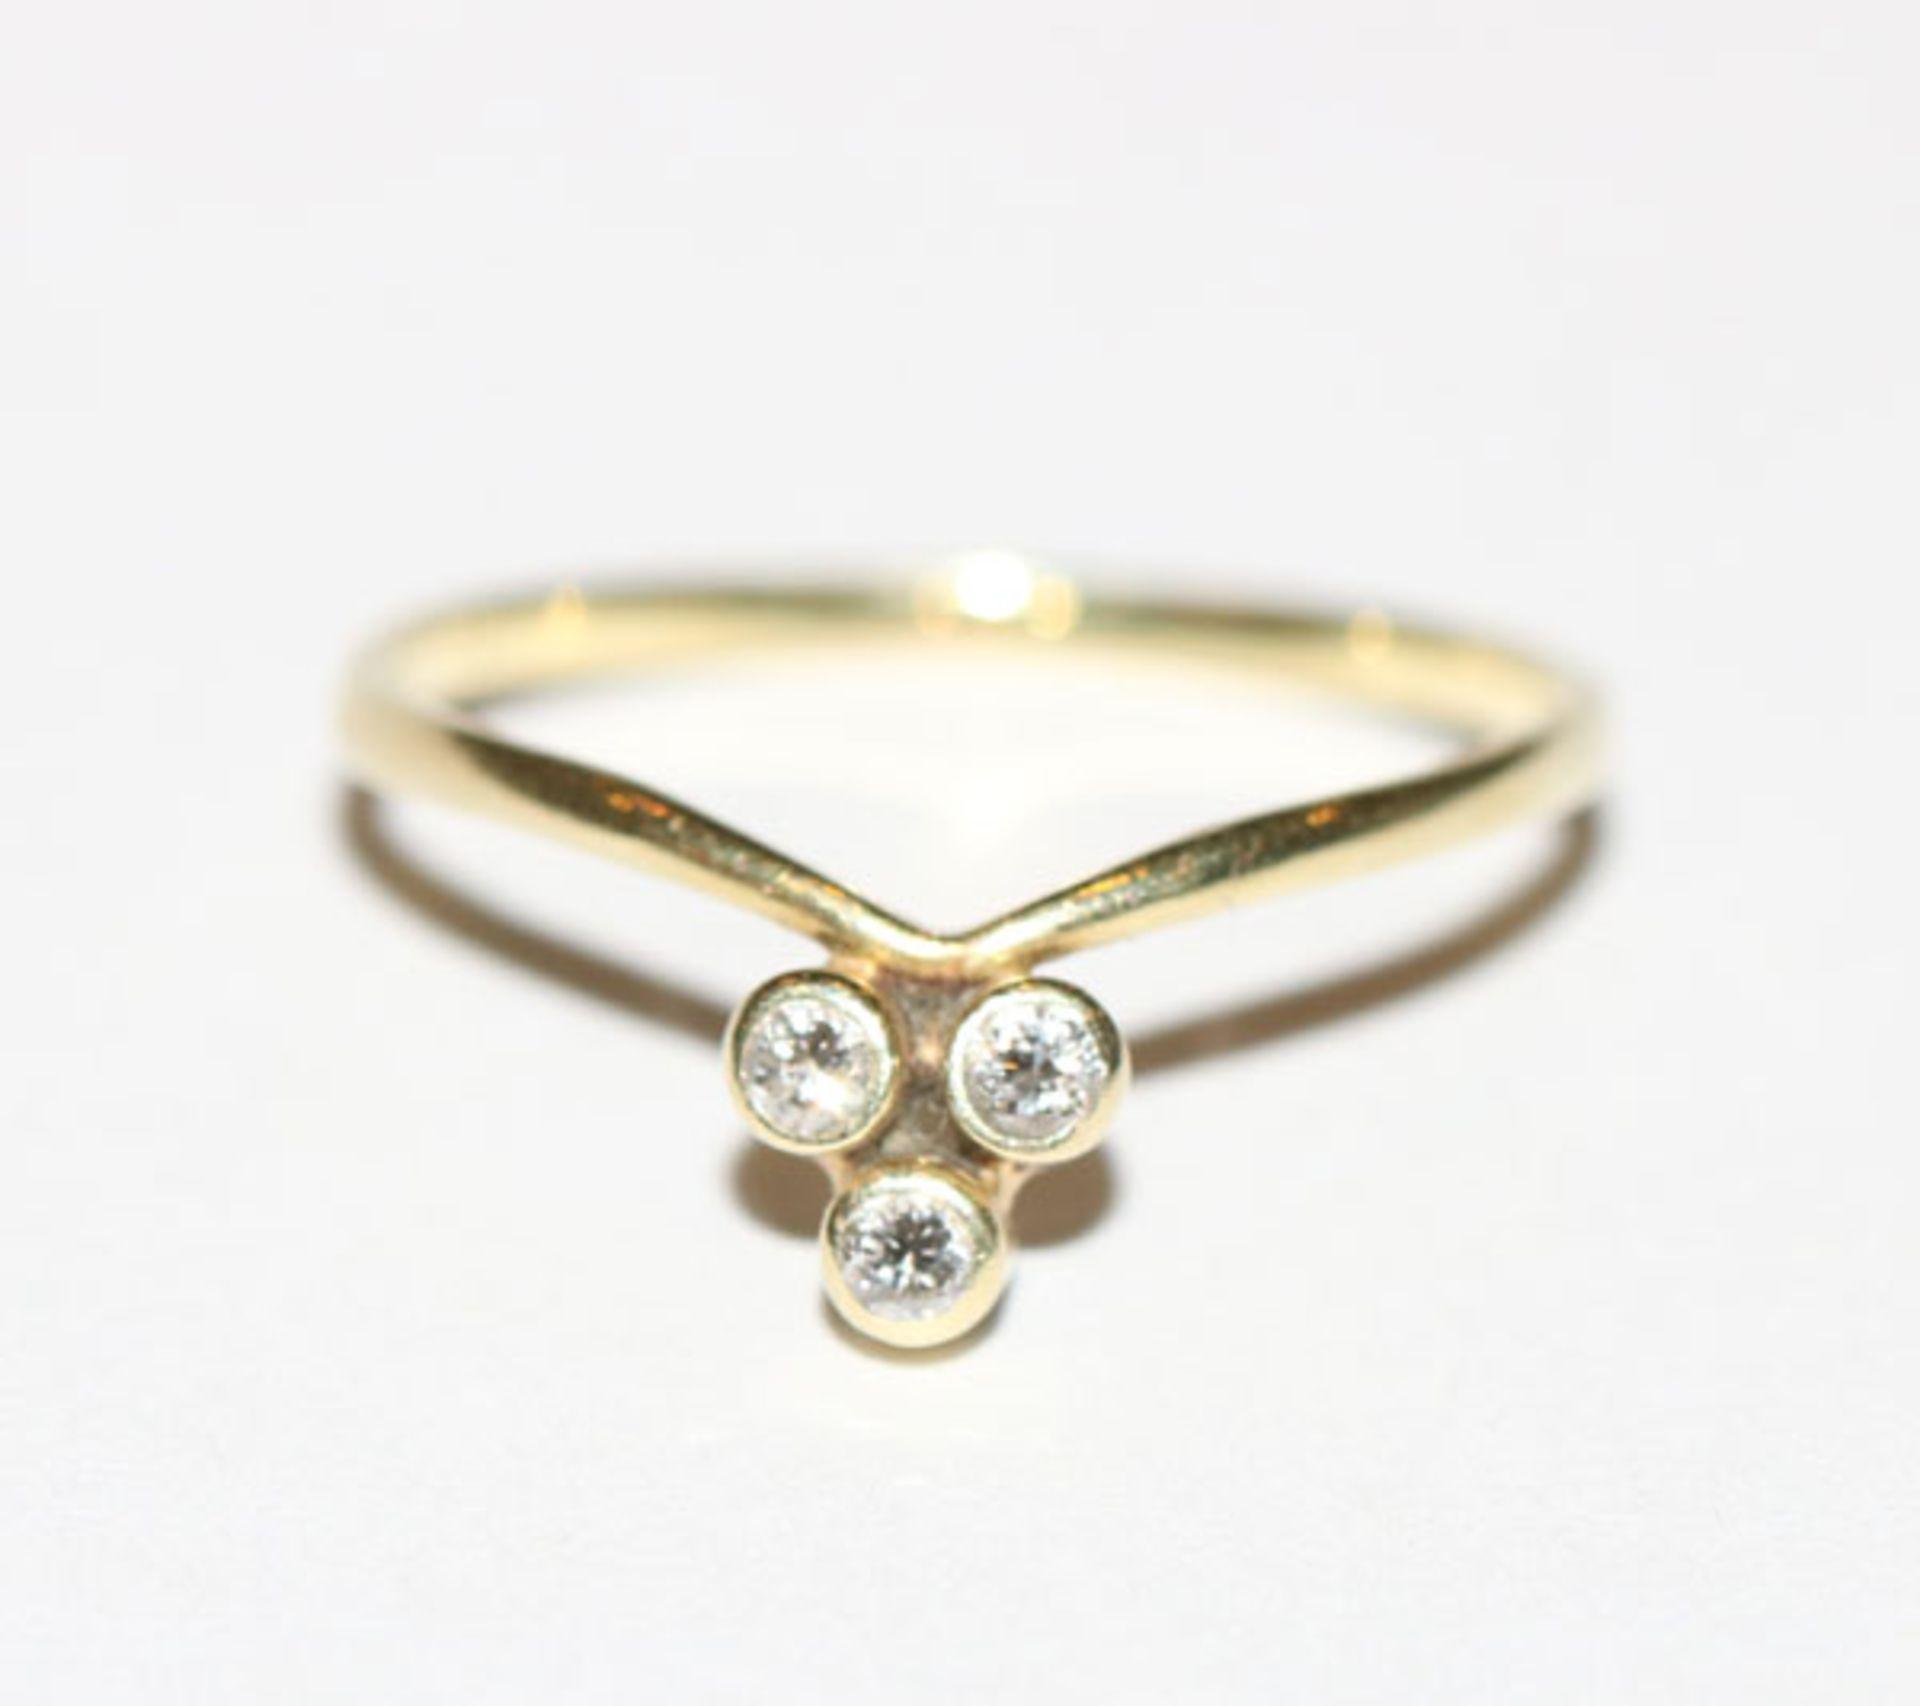 14 k Gelbgold Ring mit 3 Diamanten, Gr. 54